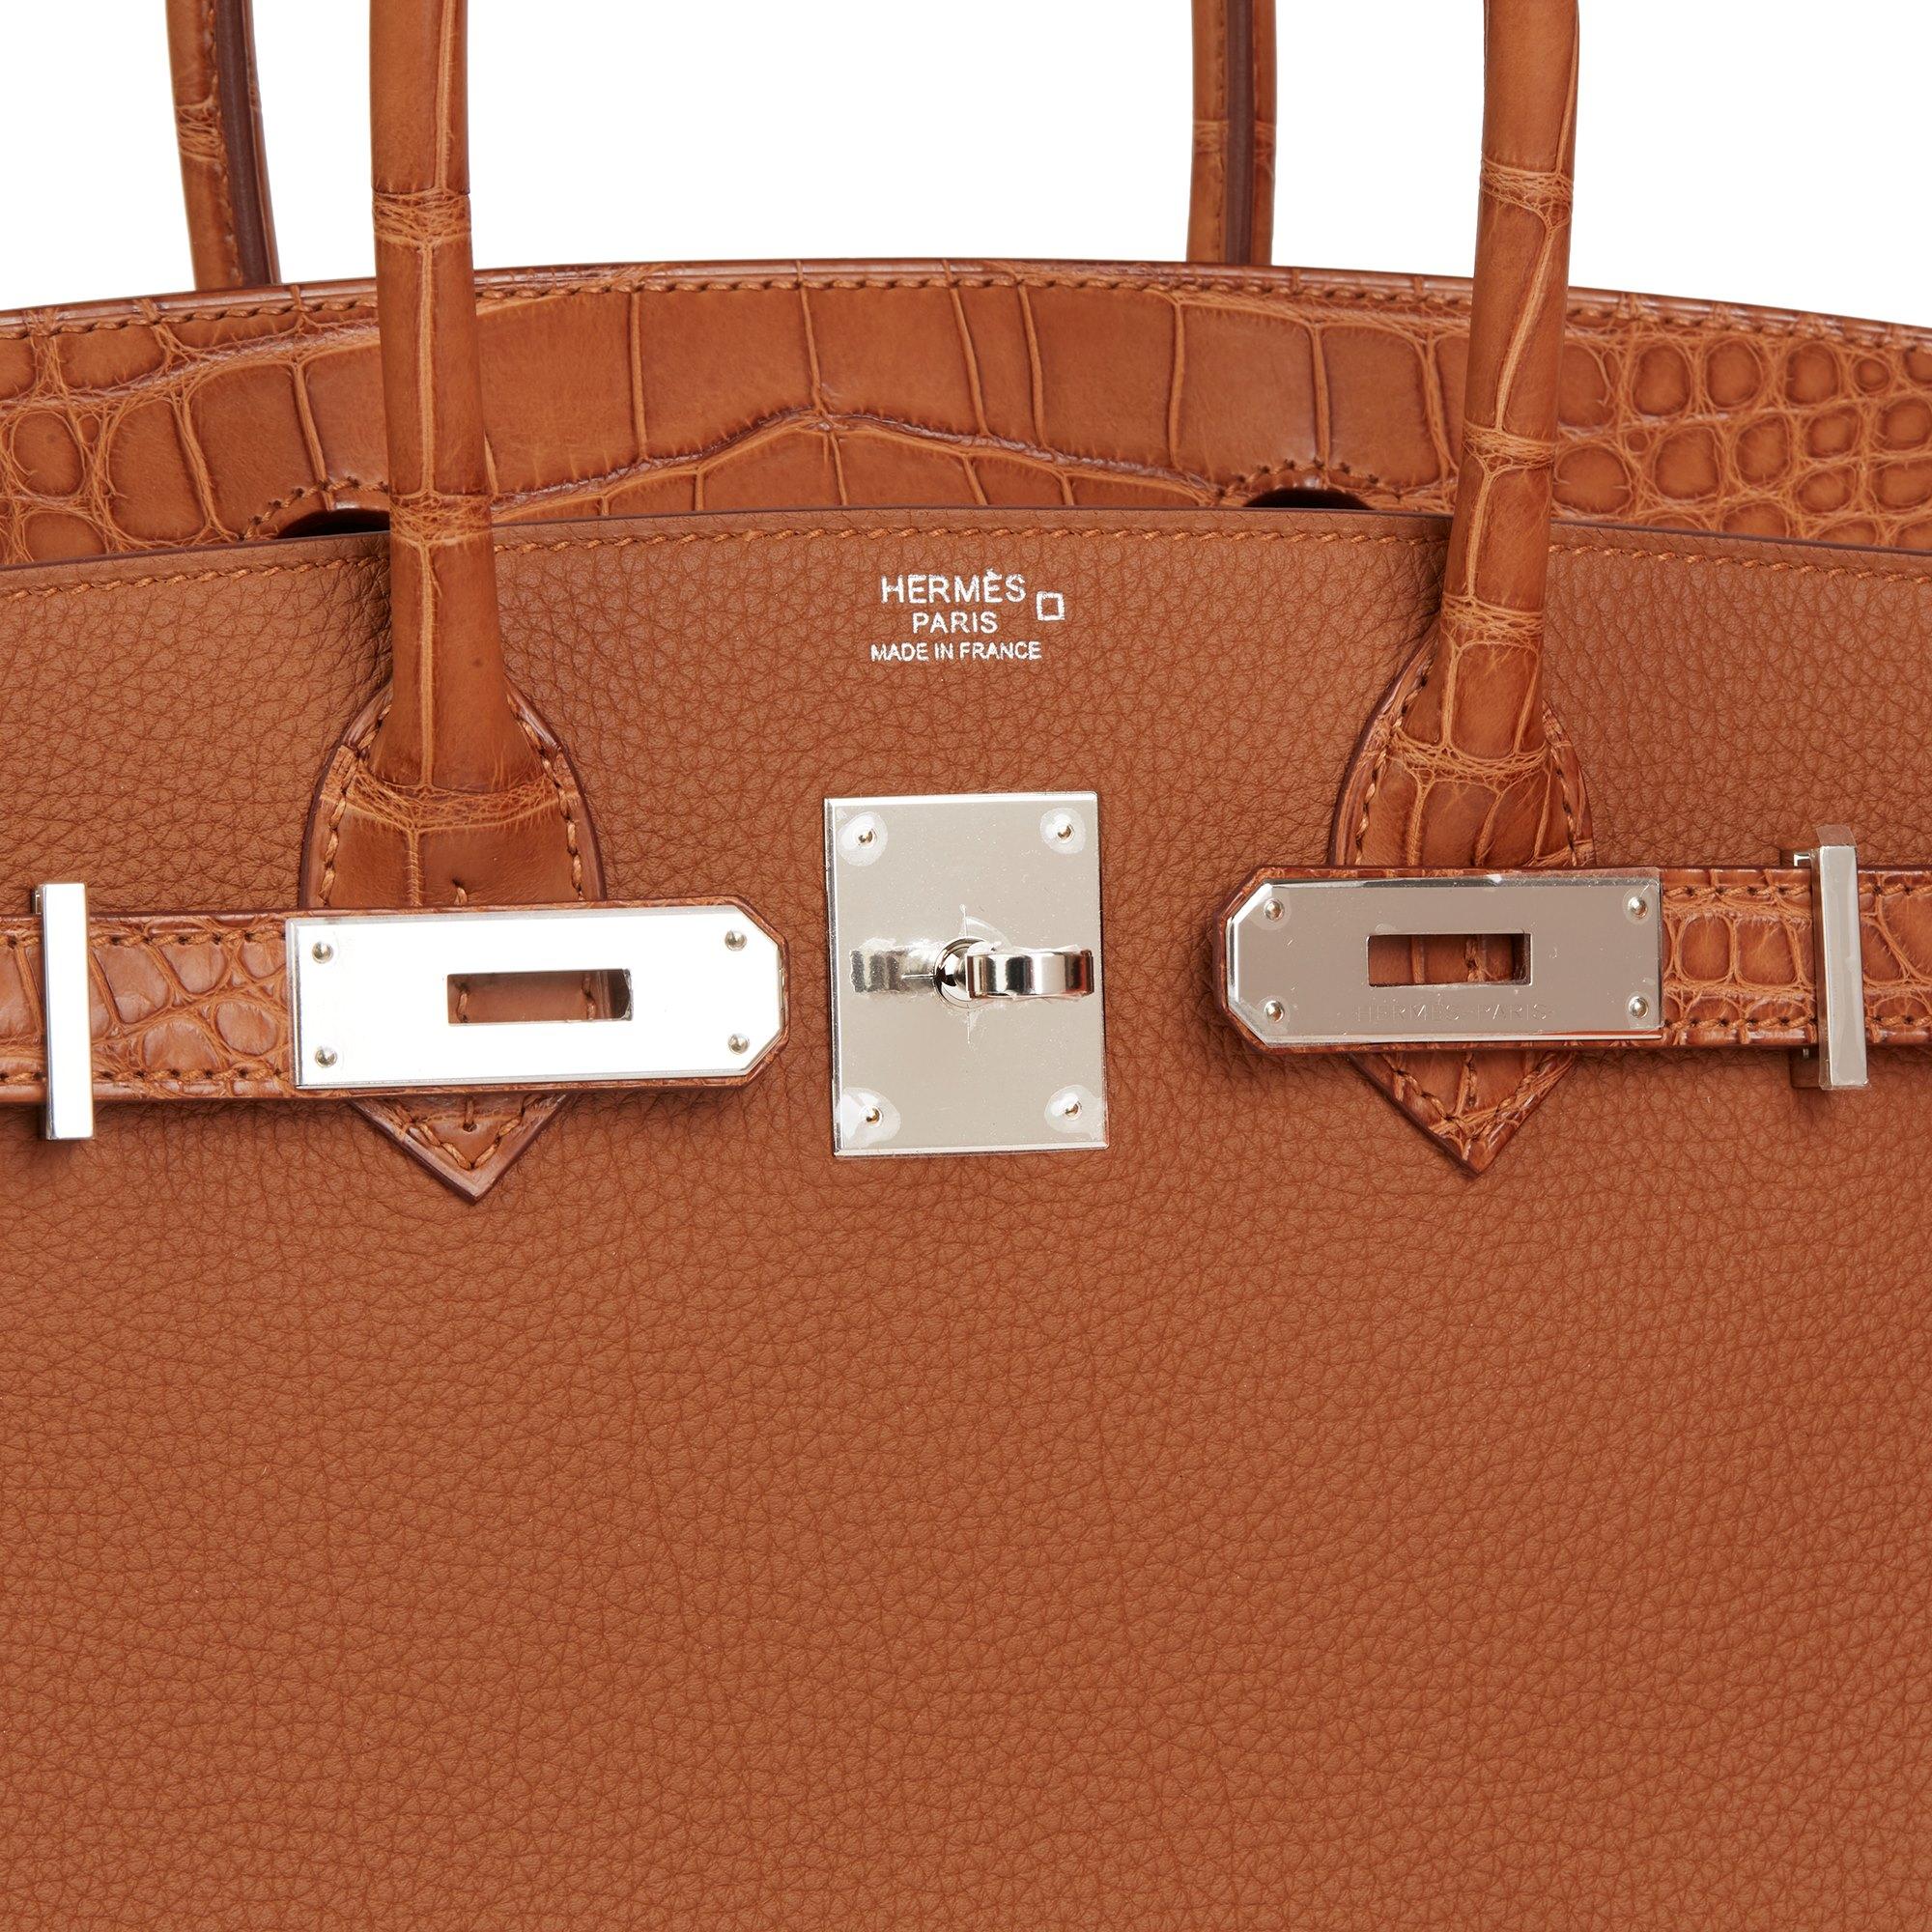 Hermès Gold Togo Leather & Matte Mississippiensis Alligator Birkin 30cm Touch